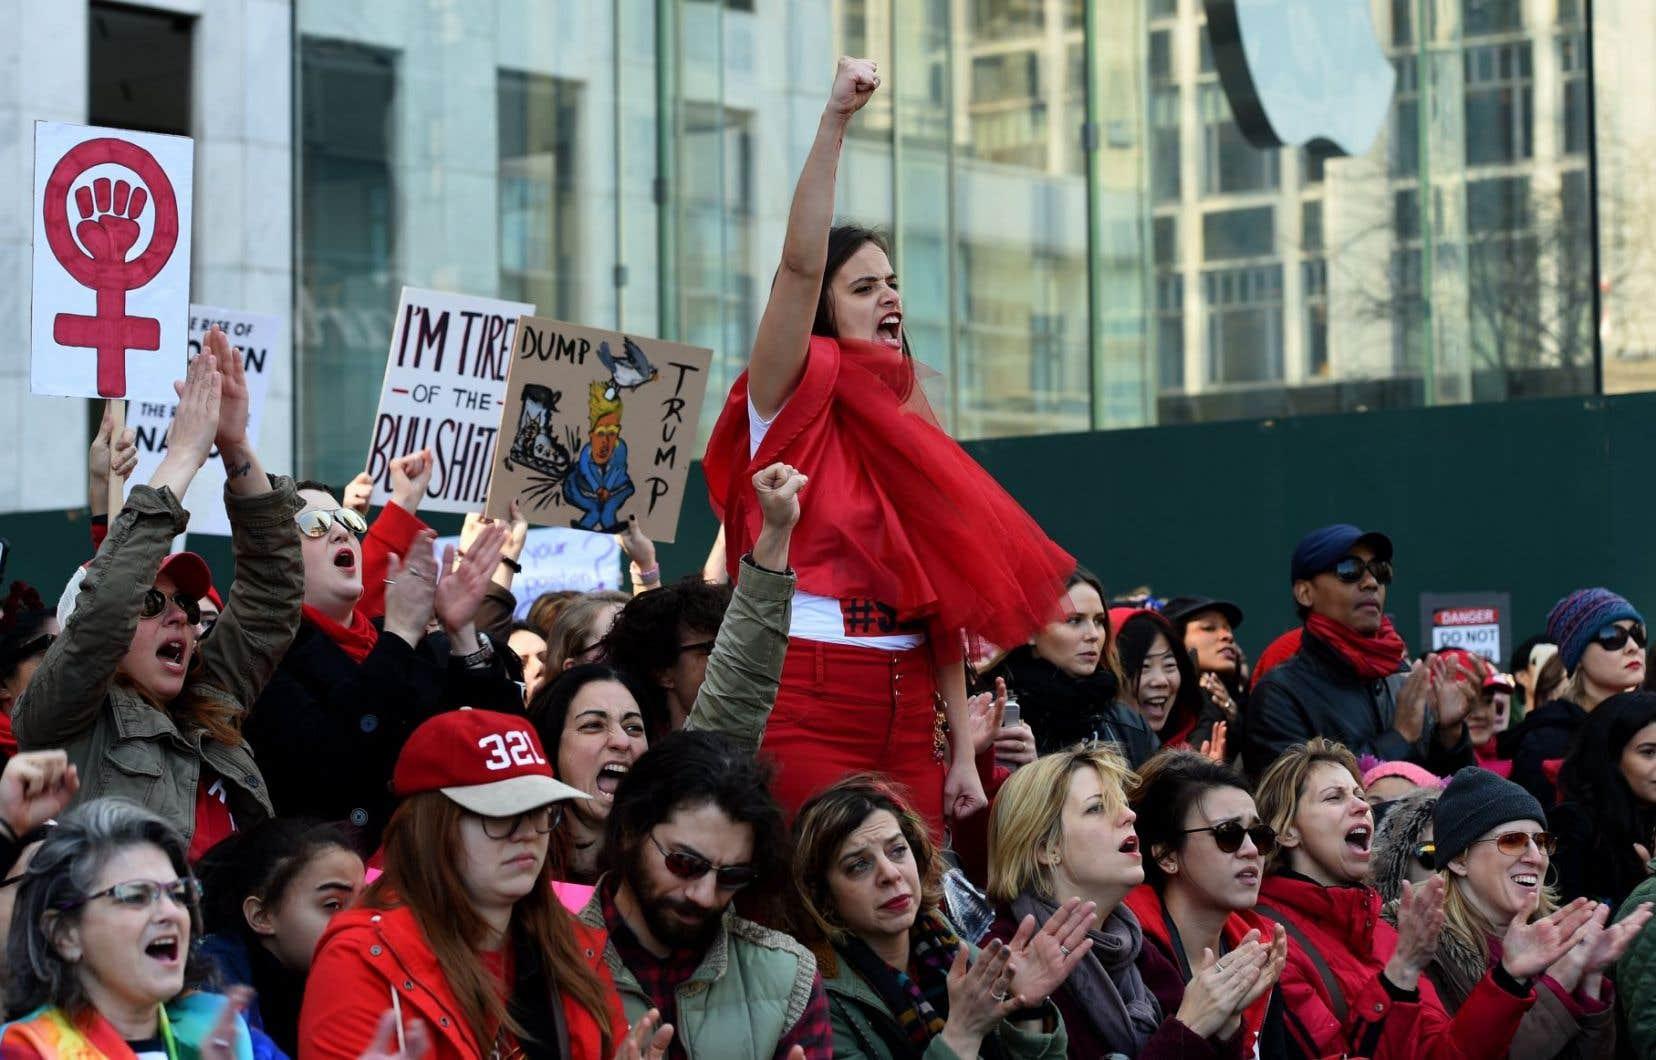 Cette réunion est lancée cinq jours après la Journée internationale des femmes, lors de laquelle des centaines de milliers de femmes ont battu le pavé partout dans le monde.